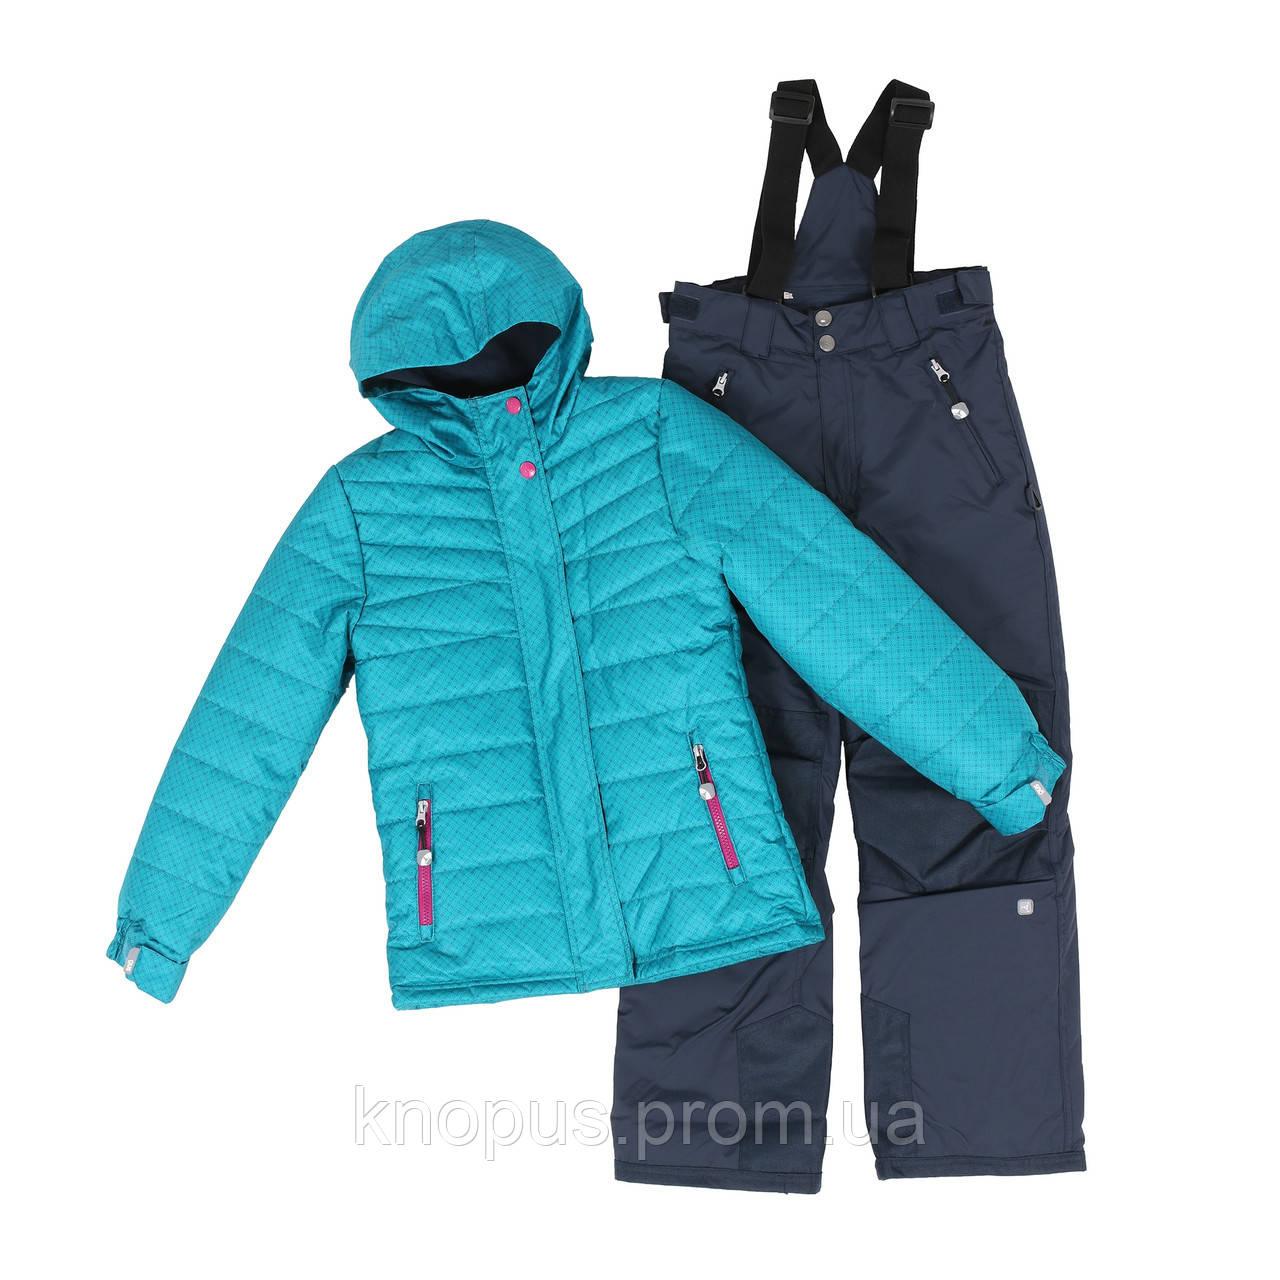 Зимний термокомплект на девочку,, ТМ «SNO»  (Nano), Канада. Размеры 134-170, на рост 130 -173 см